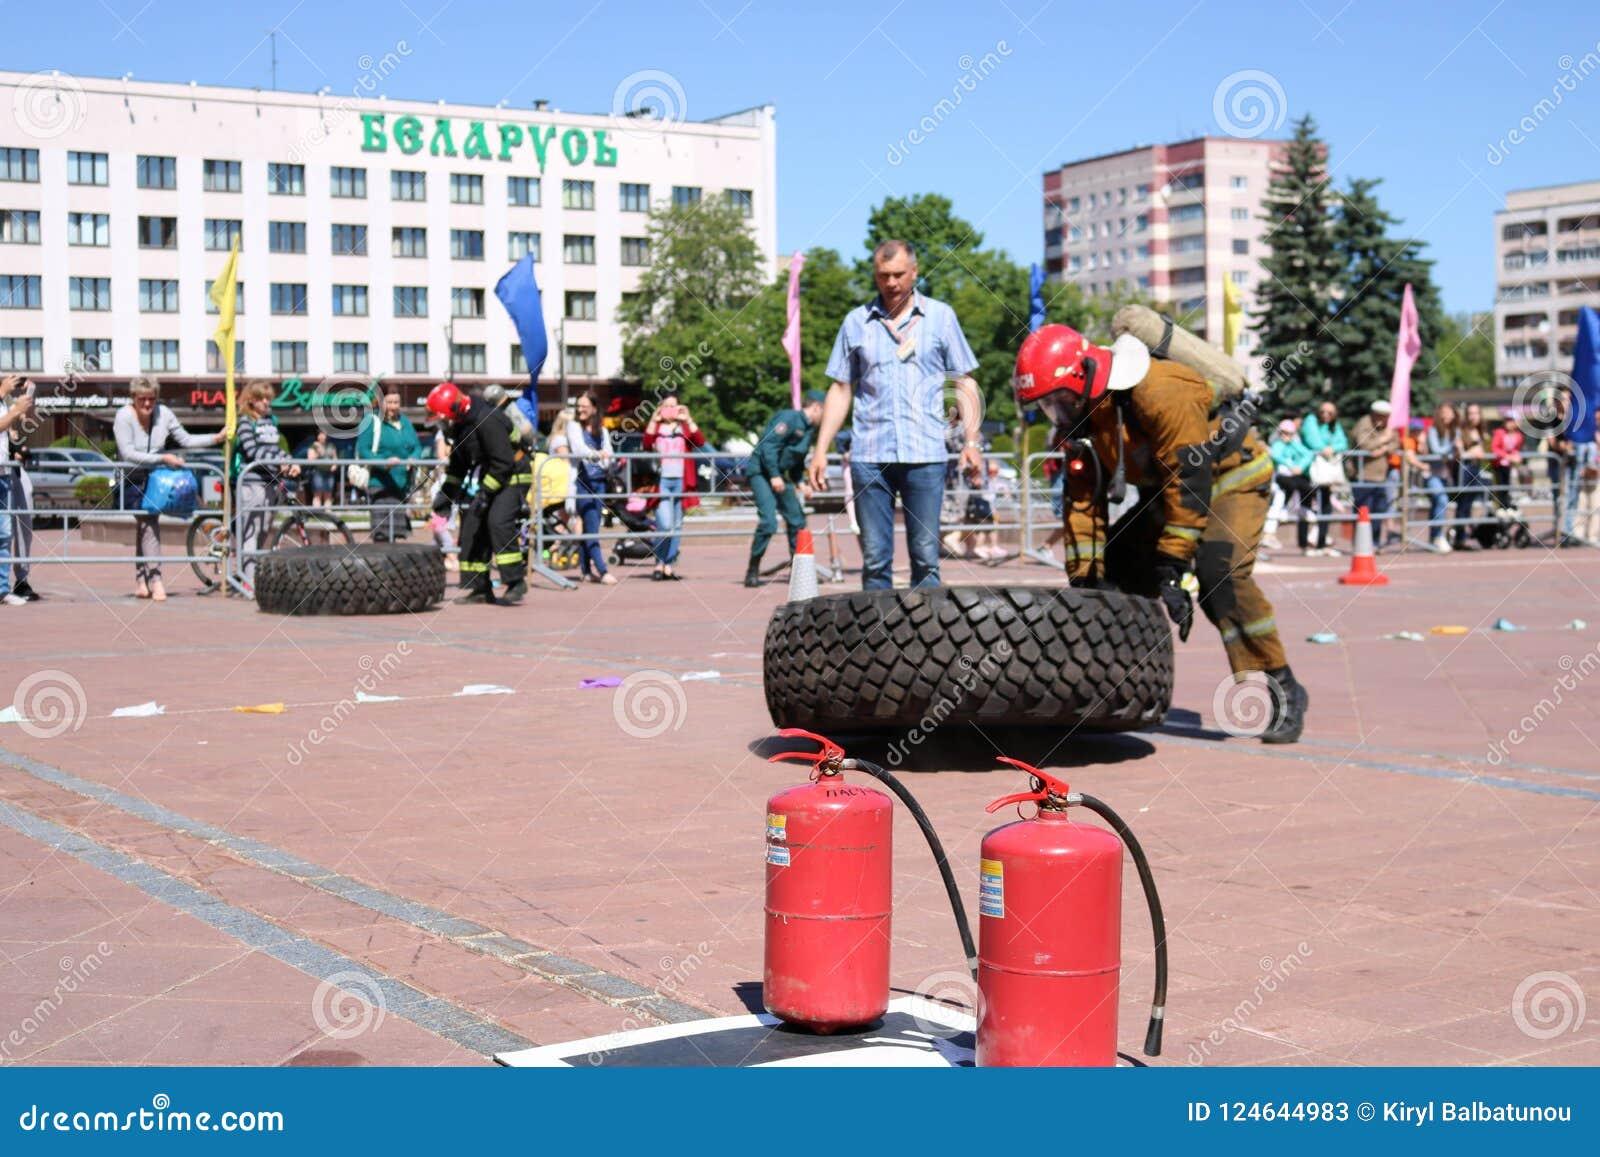 Palacz w fireproof kostiumu biega wielki gumowego i obraca toczy wewnątrz pożarniczego boju rywalizację, Białoruś, Minsk, 08 08 2